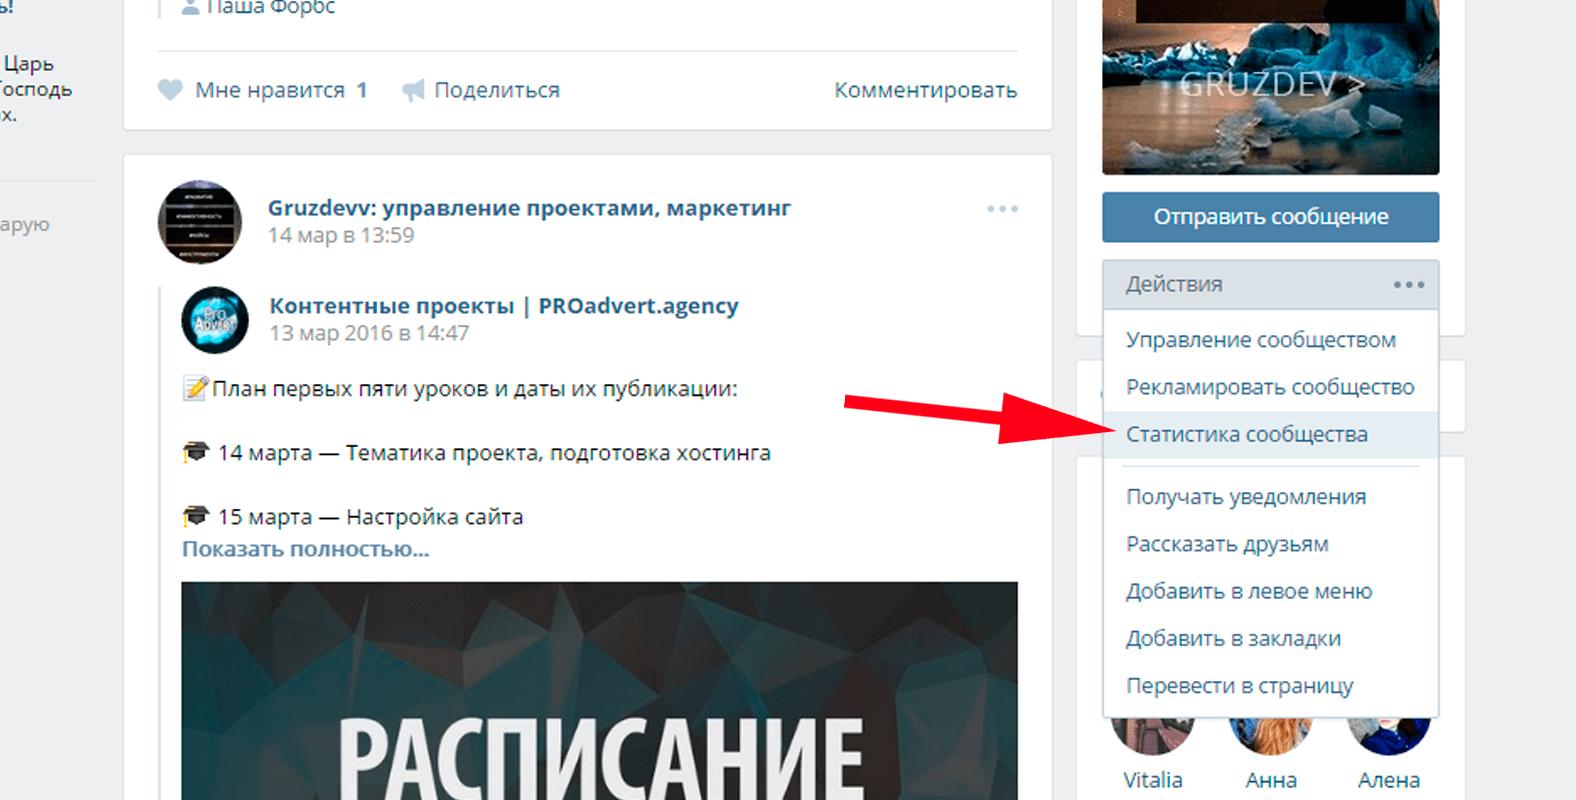 как посмотреть статистику сообщества Вконтакте